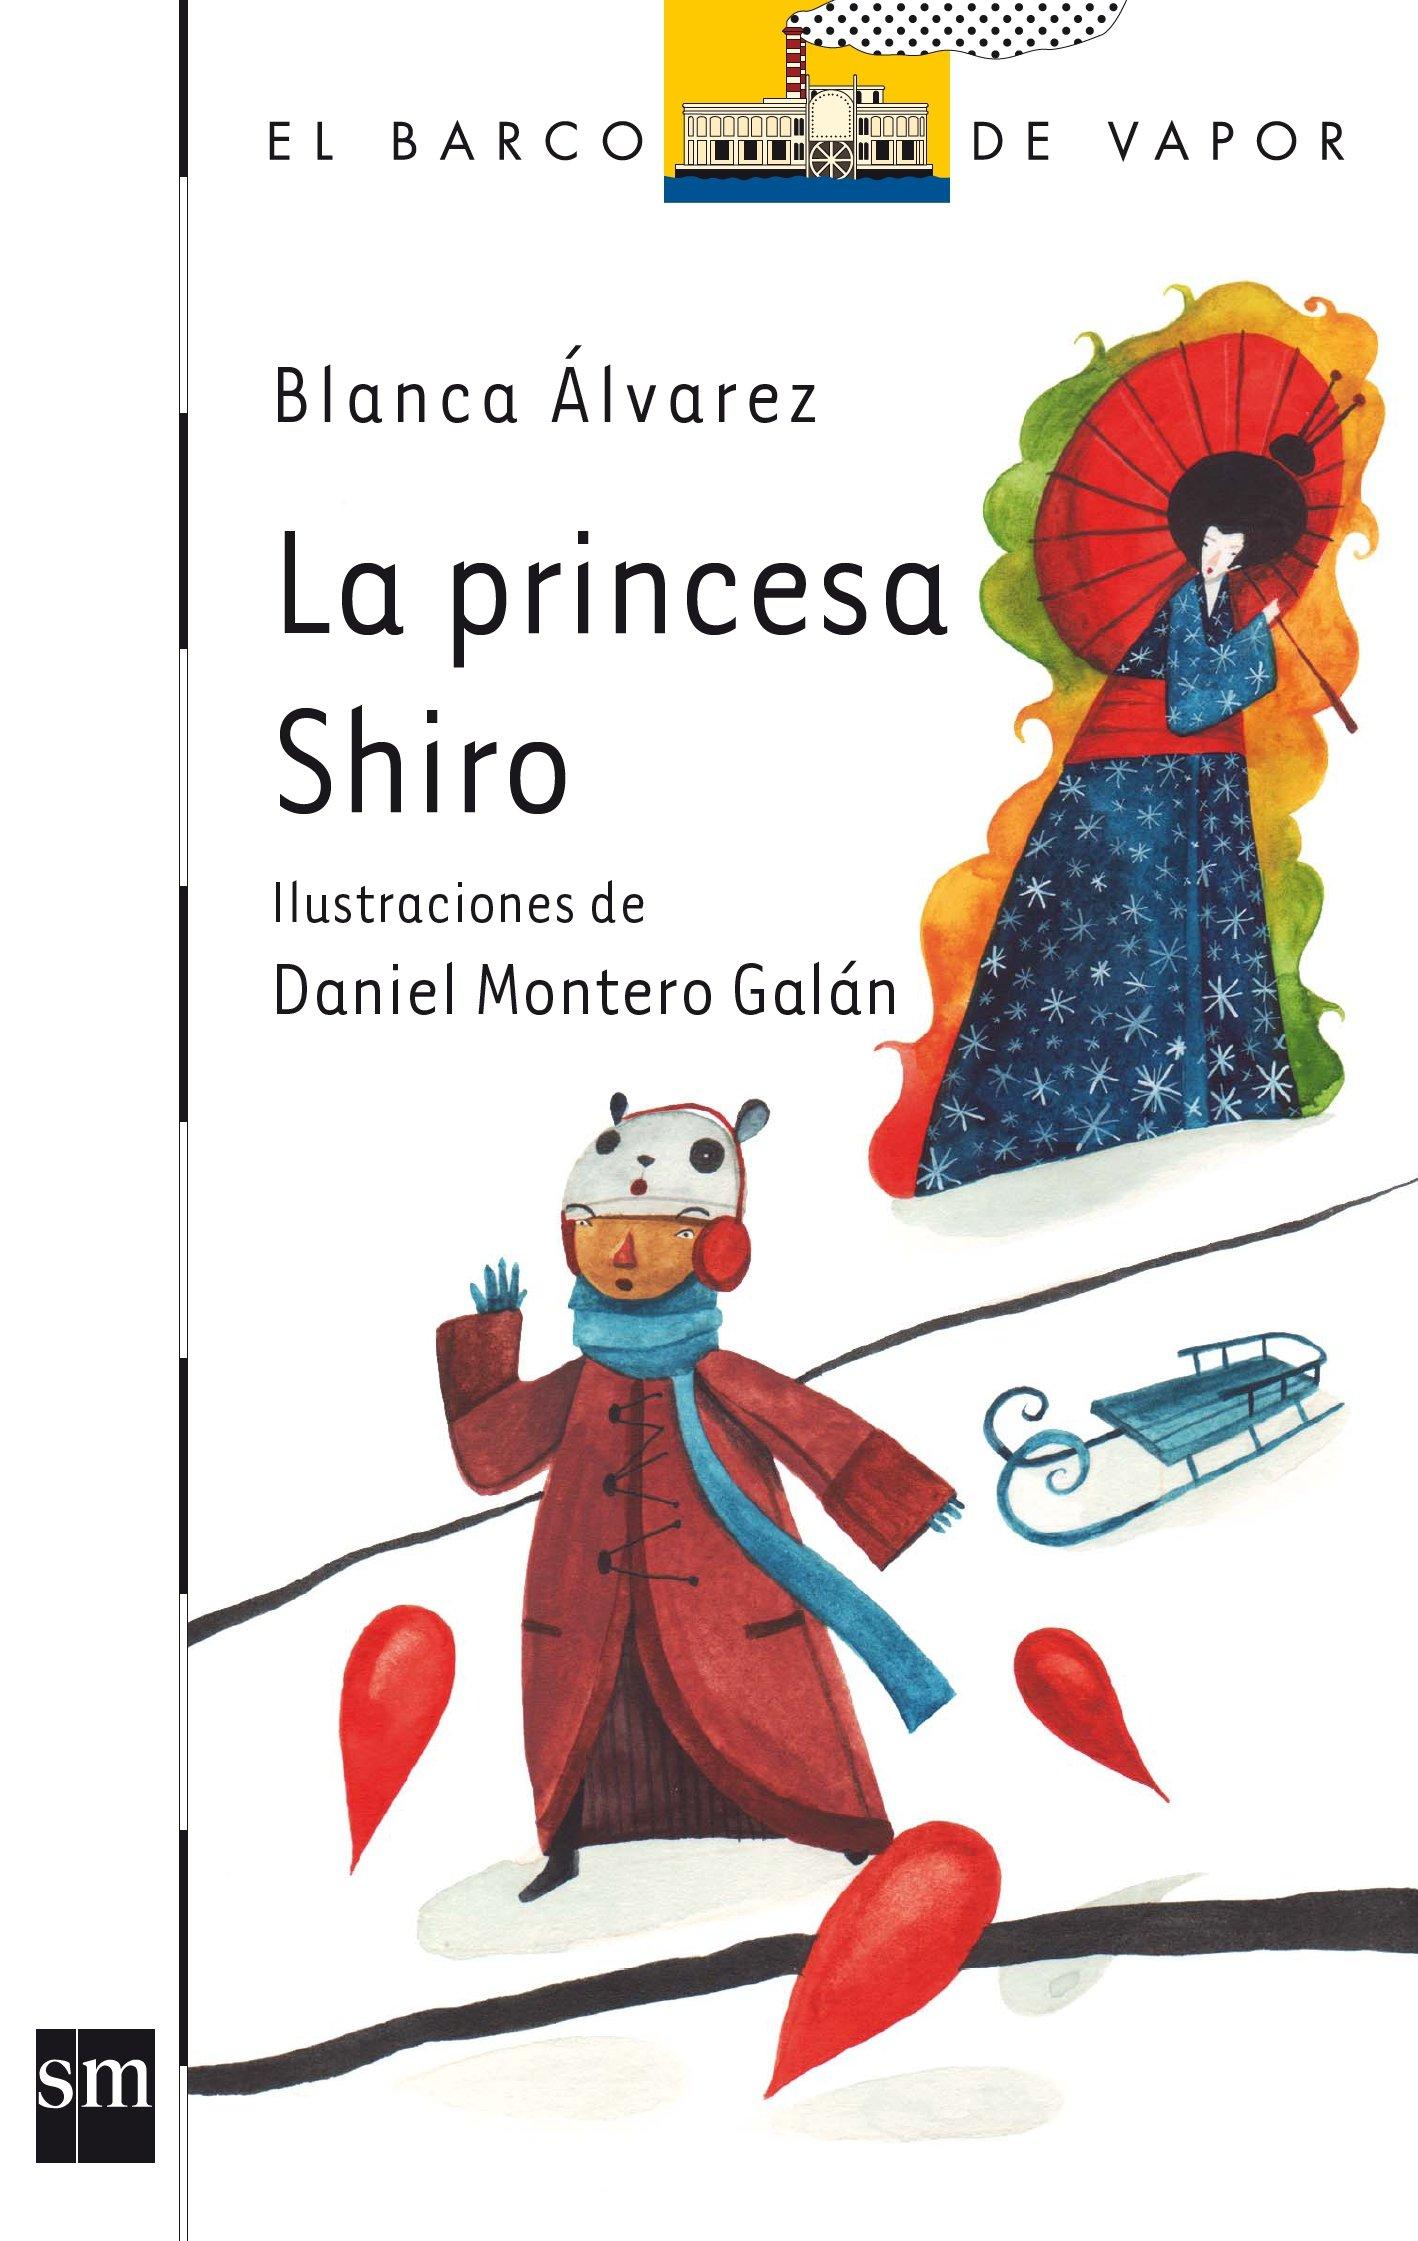 La princesa Shiro (El Barco de Vapor Blanca): Amazon.es: Blanca Álvarez  González, Daniel Montero Galán: Libros